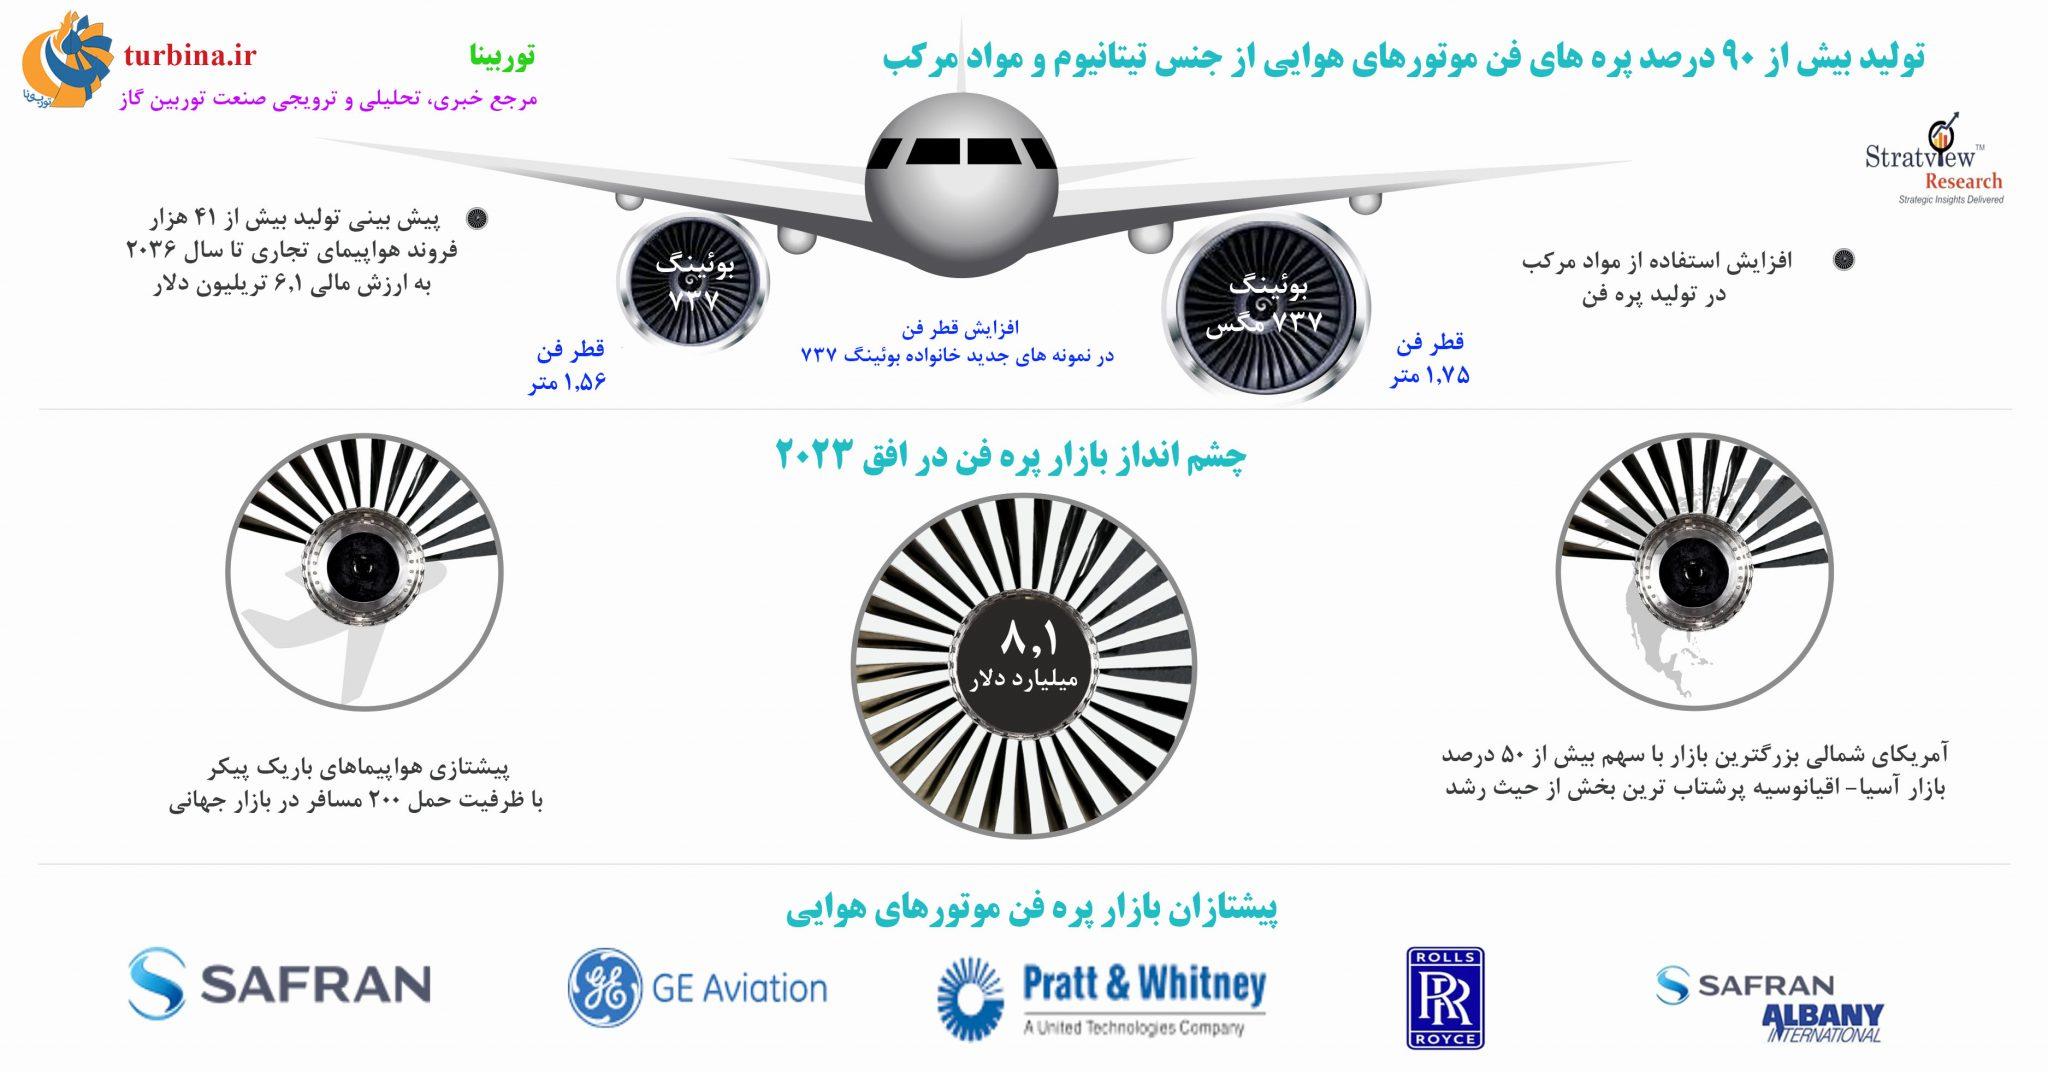 تولید بیش از 90 درصد پرههای فن موتورهای هوایی از جنس تیتانیوم و مواد مرکب